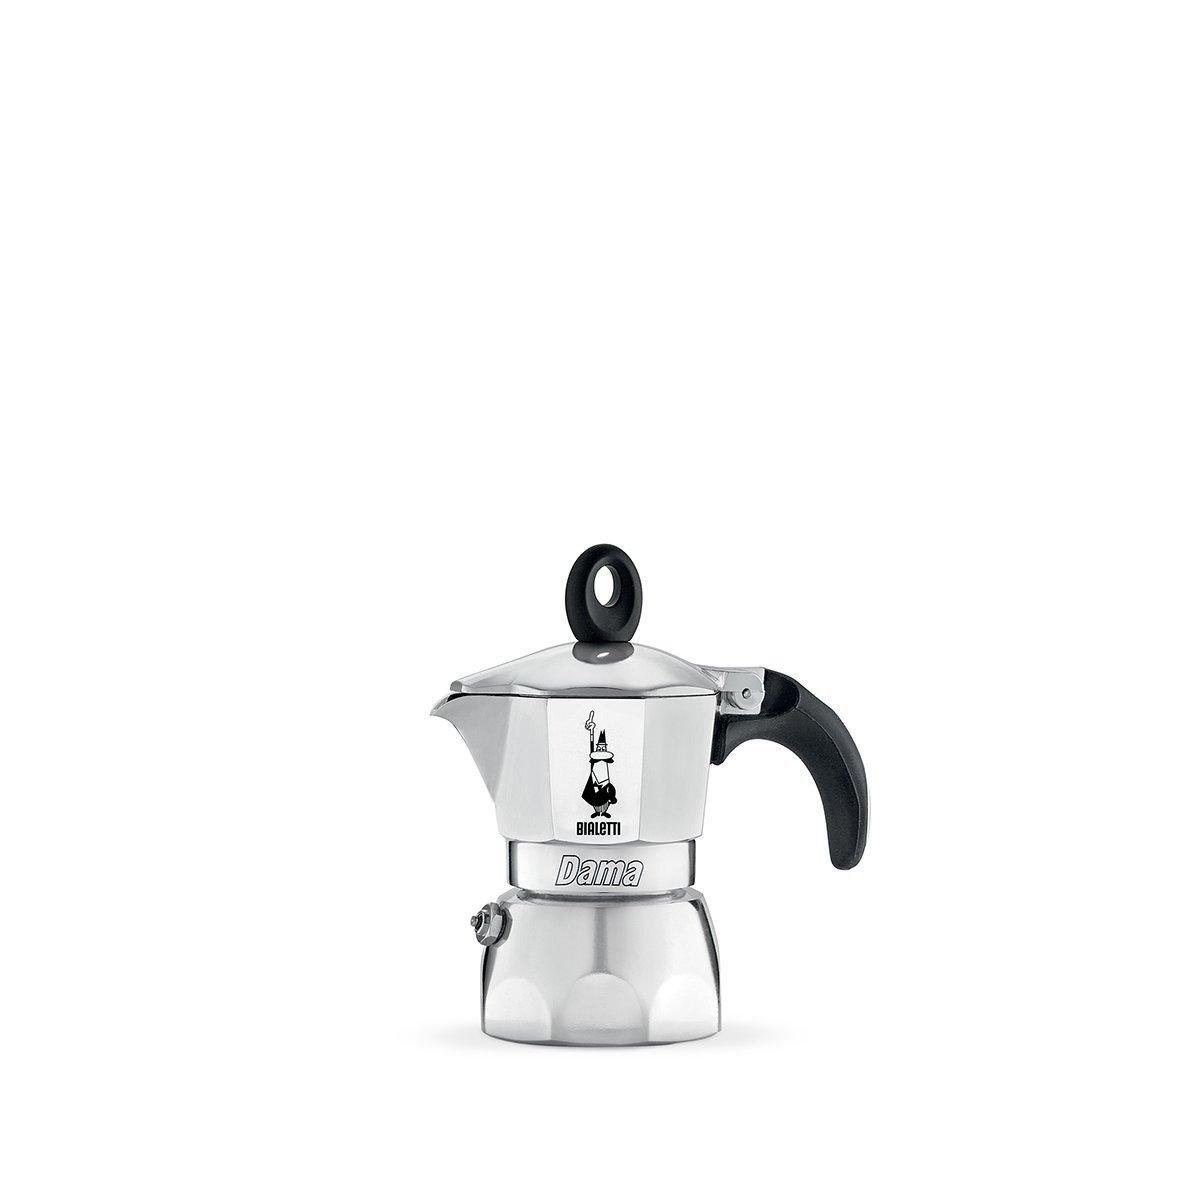 Bialetti 2151 Dama Nuova Espresso Maker, Silver